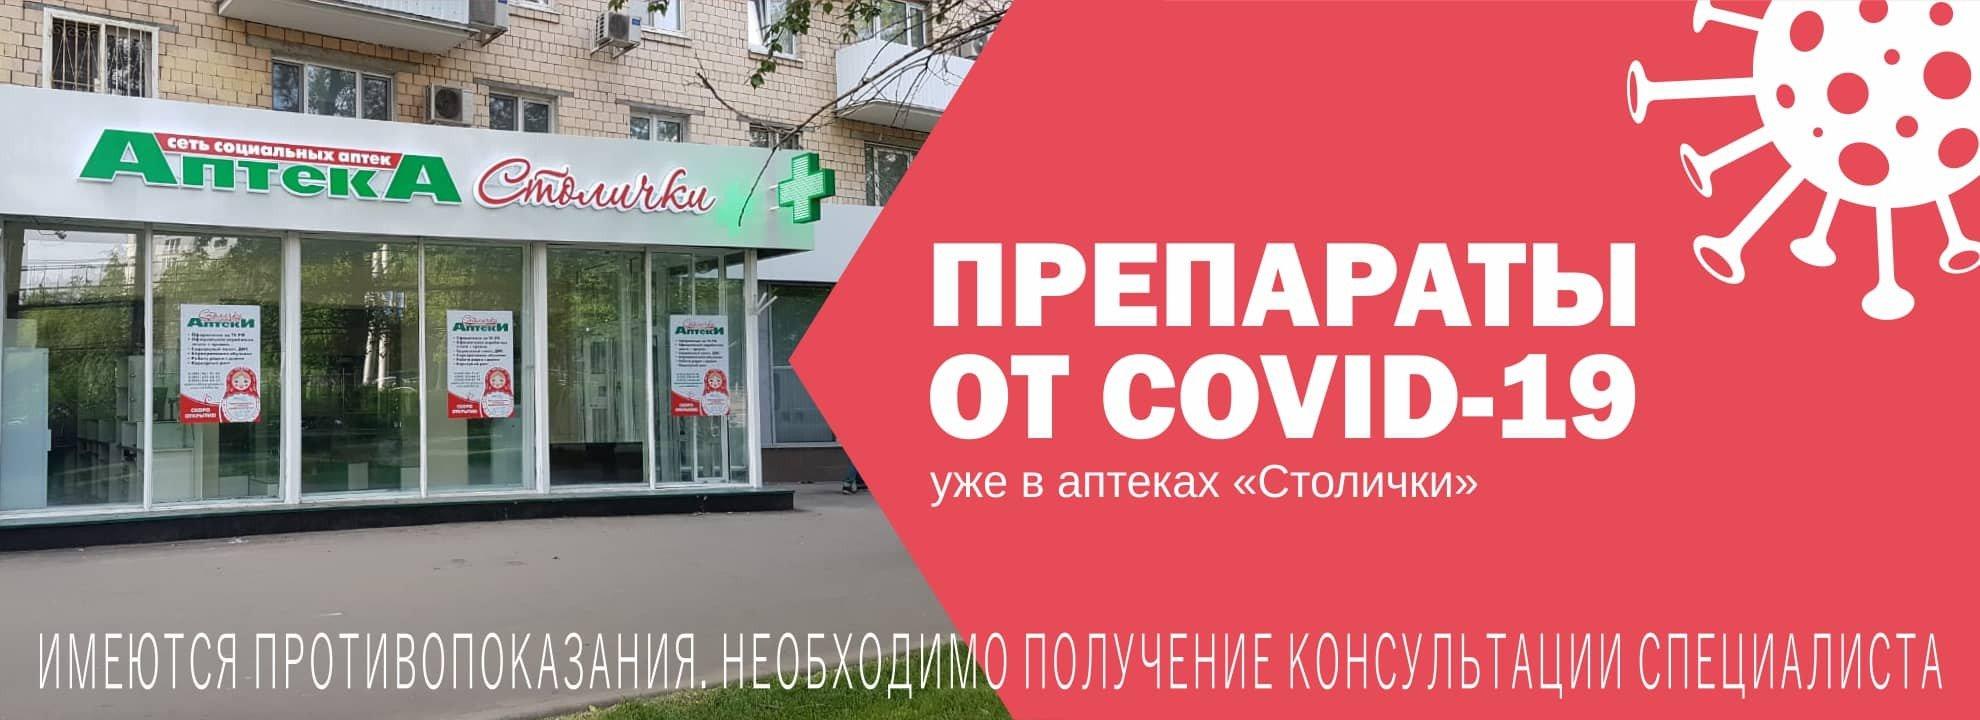 Препараты от COVID-19